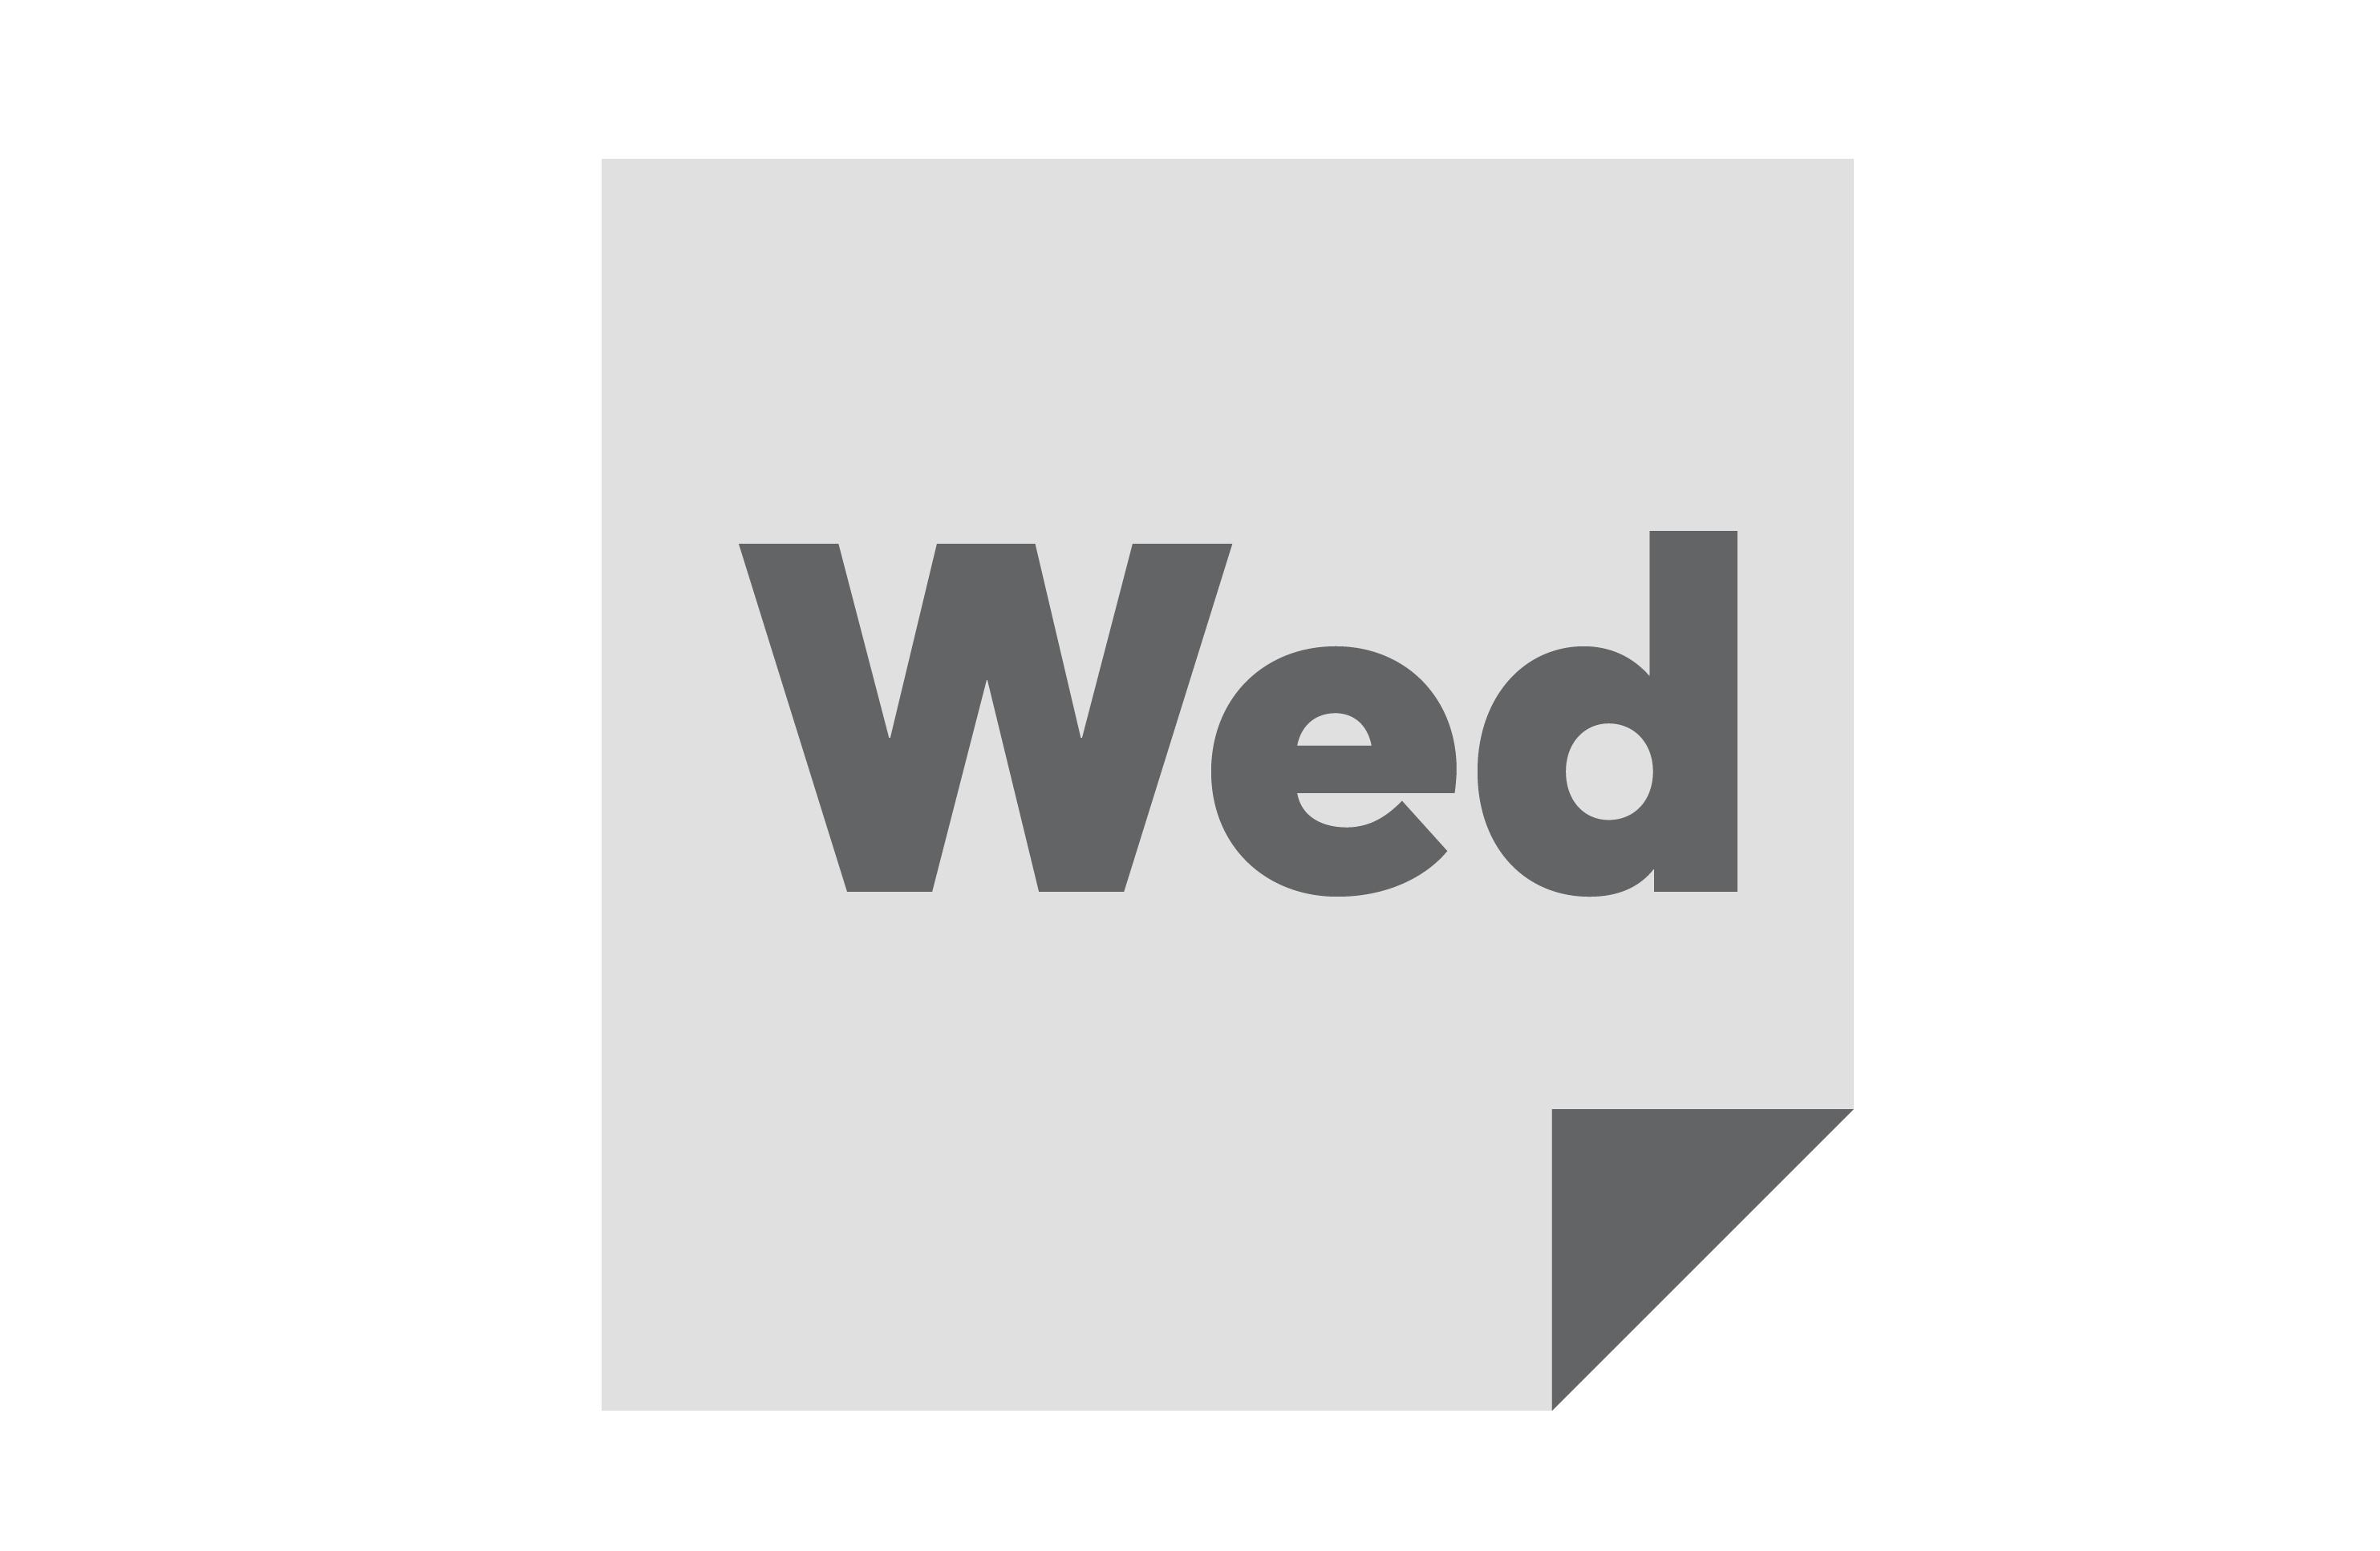 https://assets.sourcemedia.com/f9/f0/9cd63ca04d54b9735c283fa8a7a9/finreg-days2-final-wednesday.png